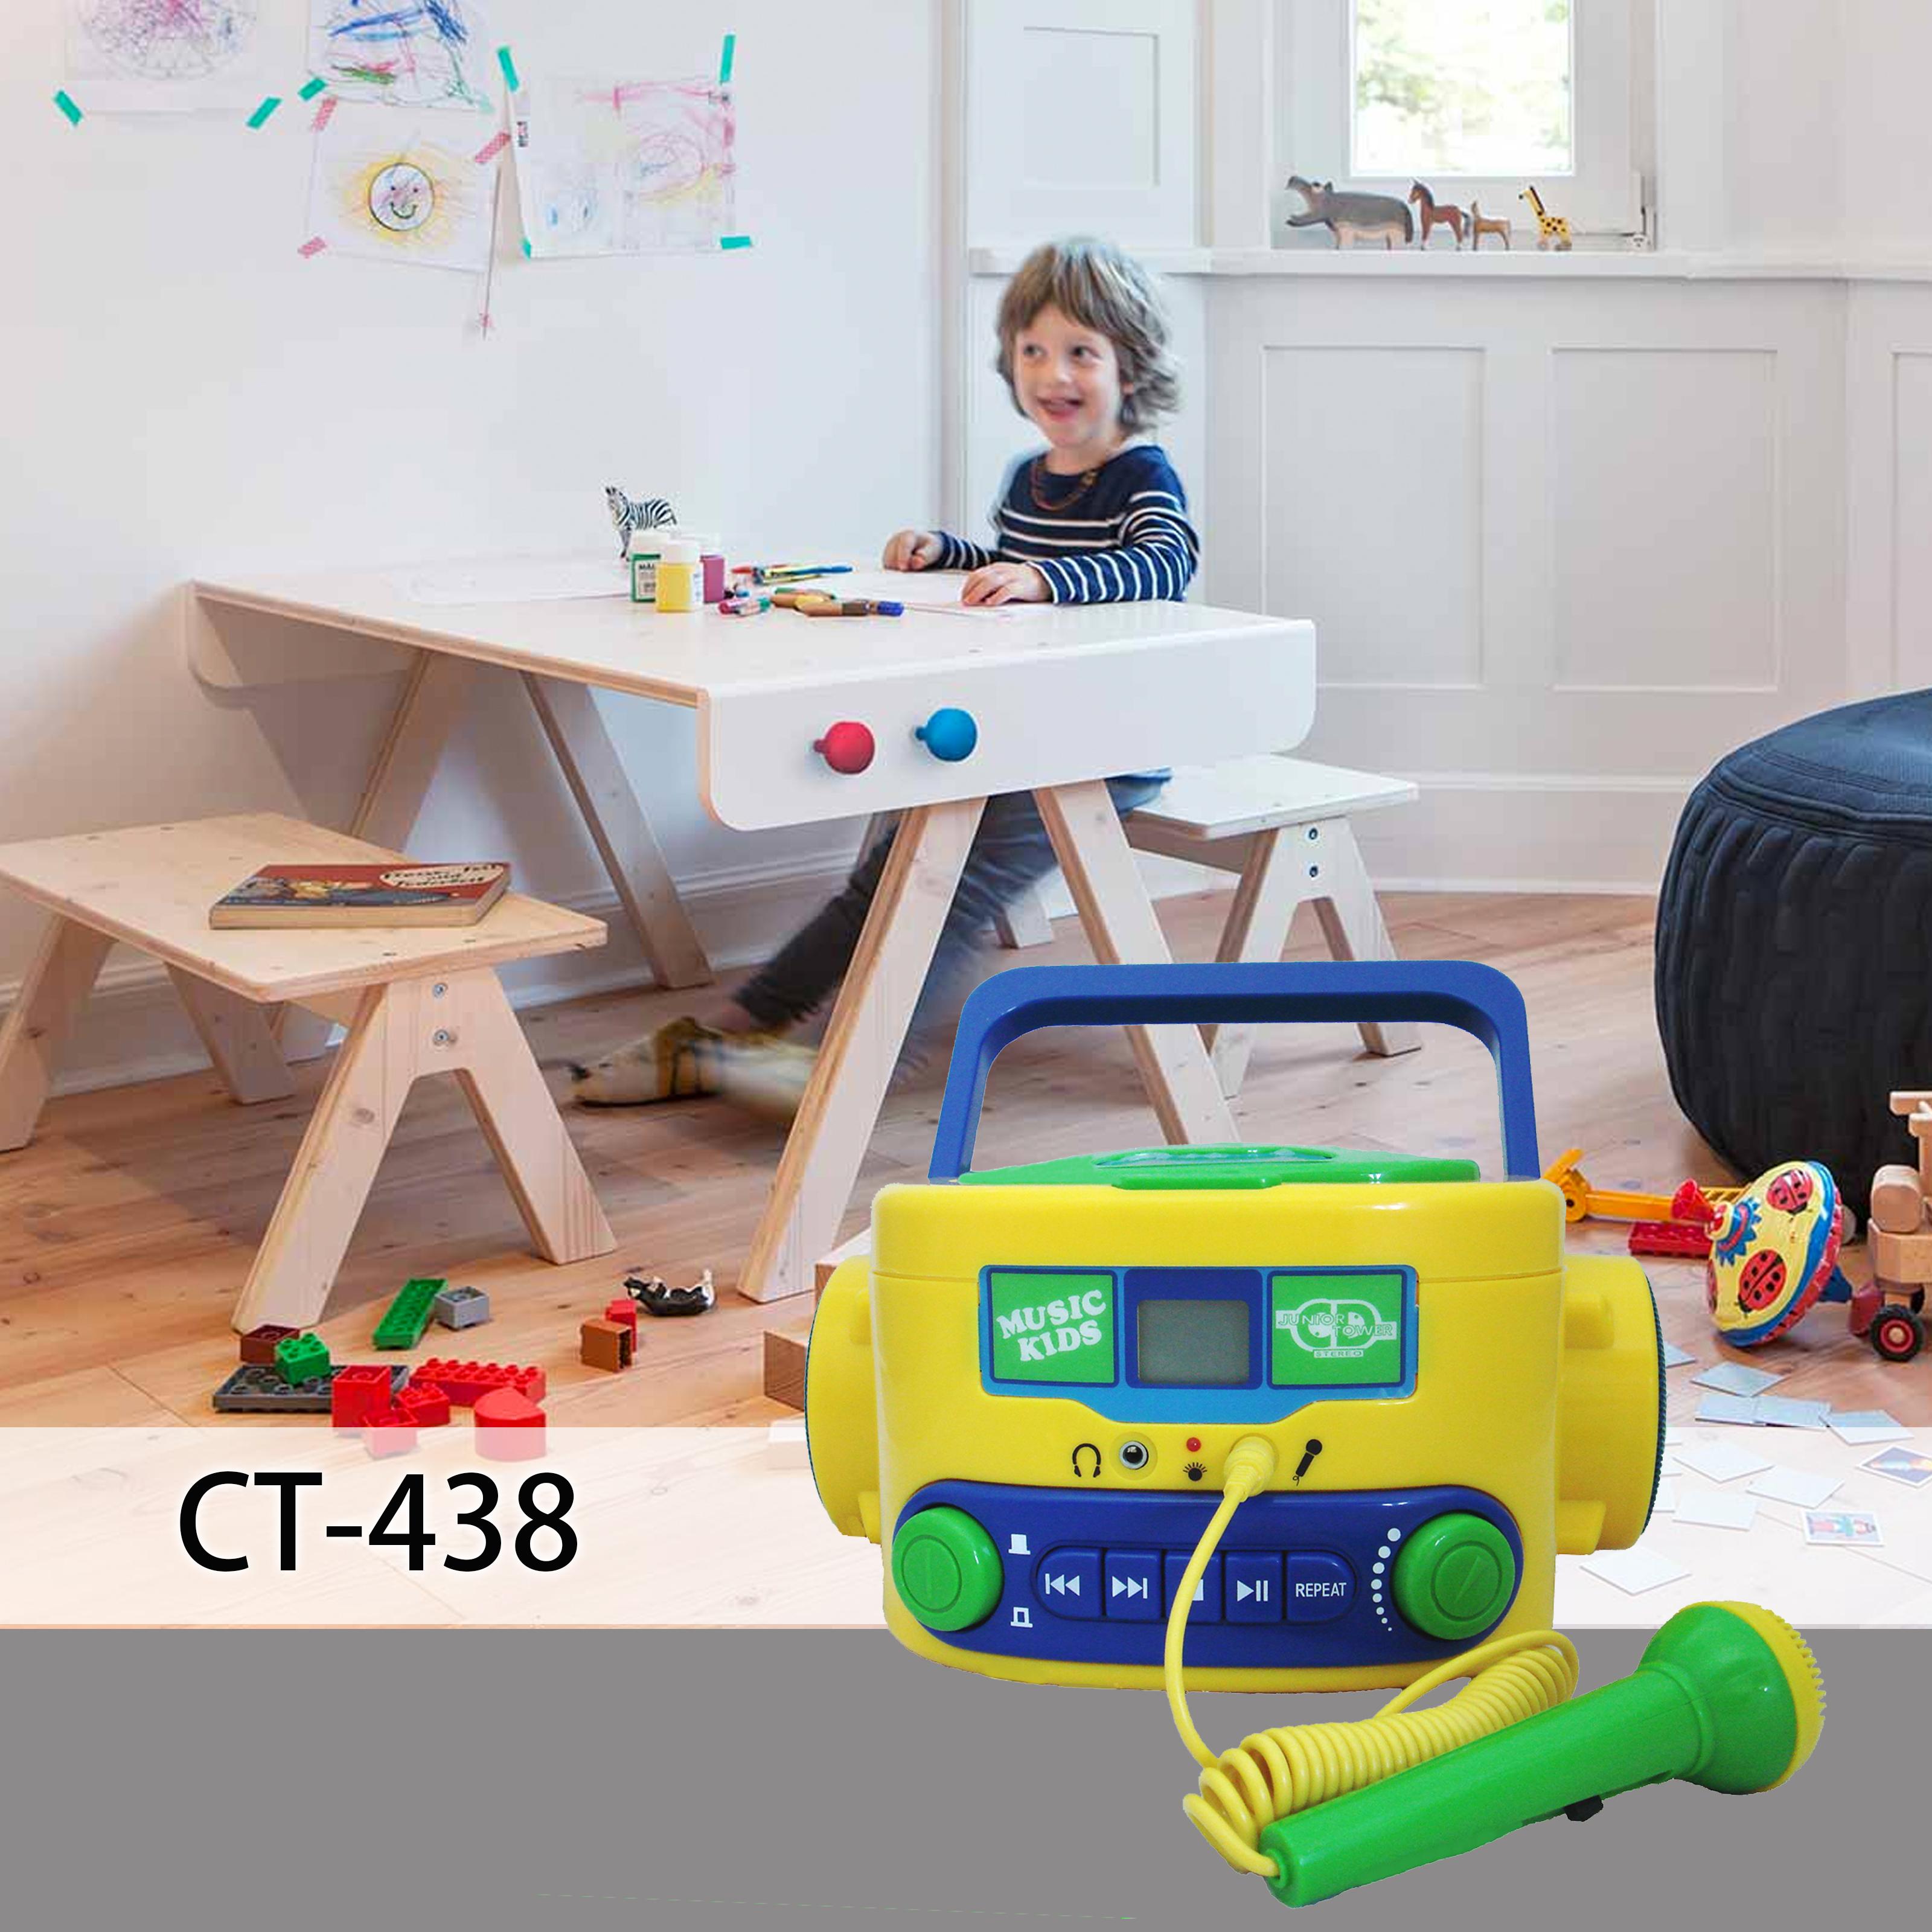 CT-438 kids.jpg